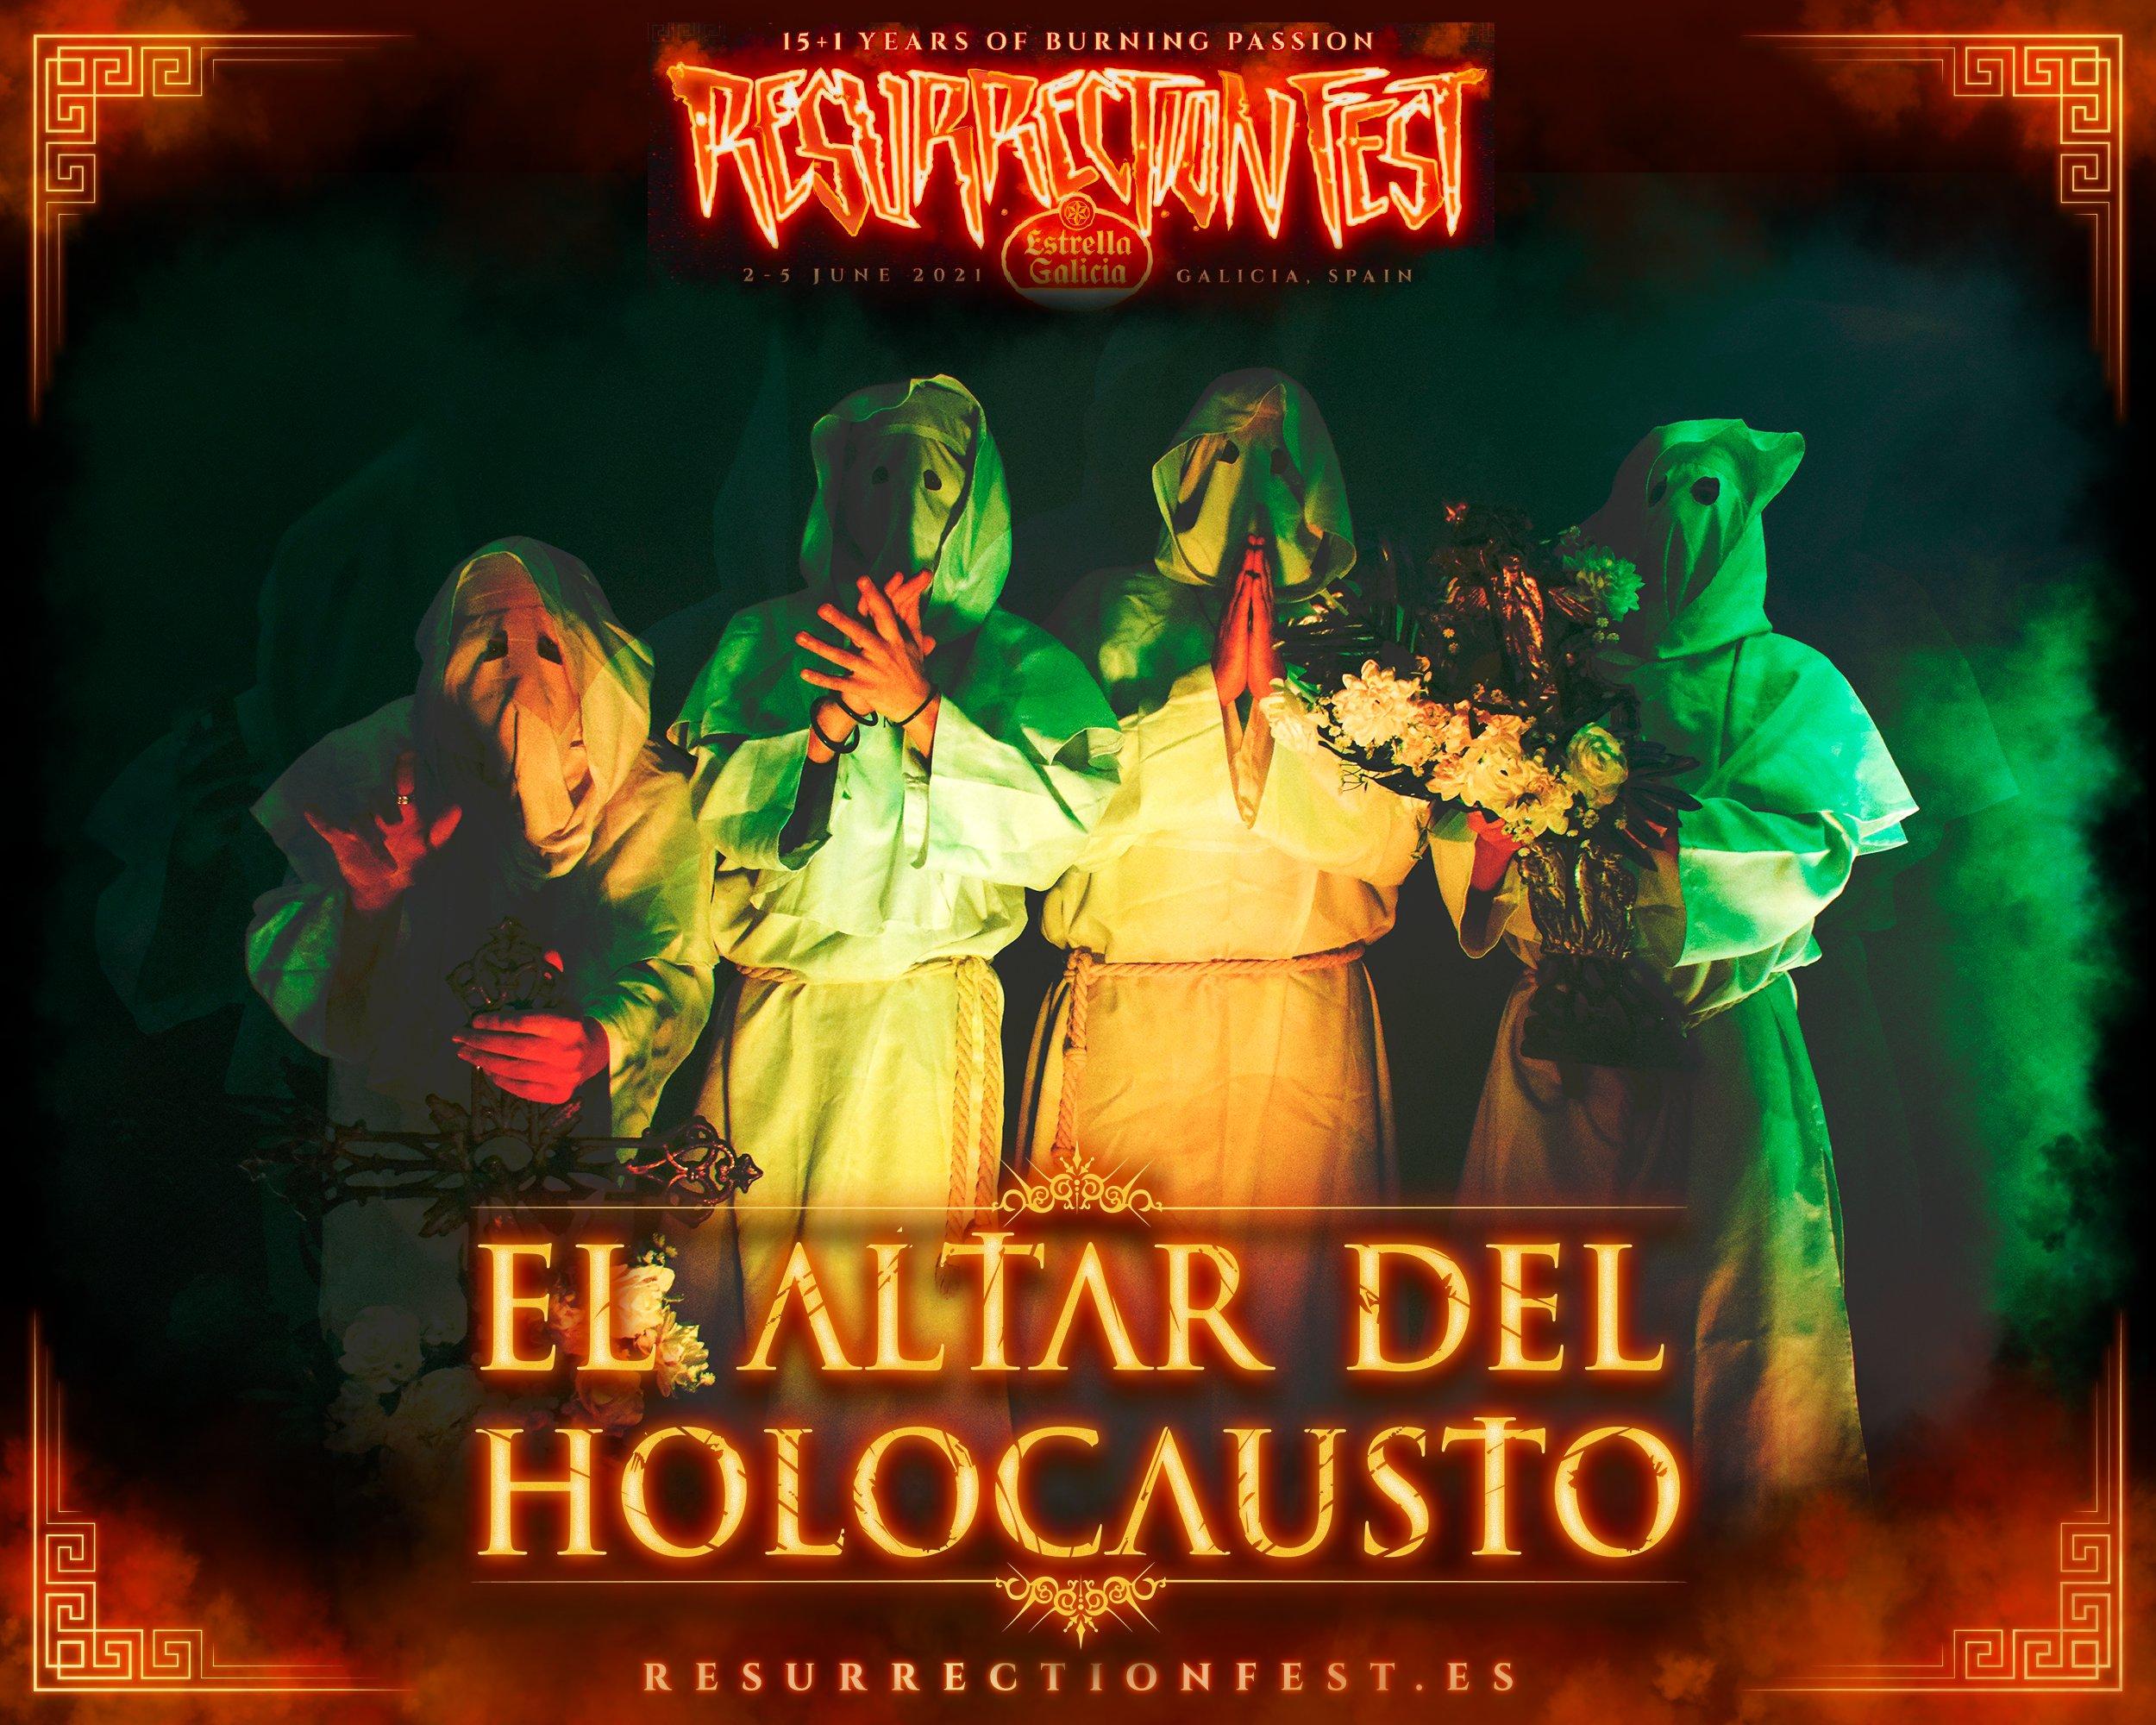 El Altar Del Holocausto: ¡¡¡✞ T R I N I DAD -  1 de Octubre BARCELONA - Razz3   !!!!! - Página 14 Epw8IGiW4AAFv51?format=jpg&name=4096x4096